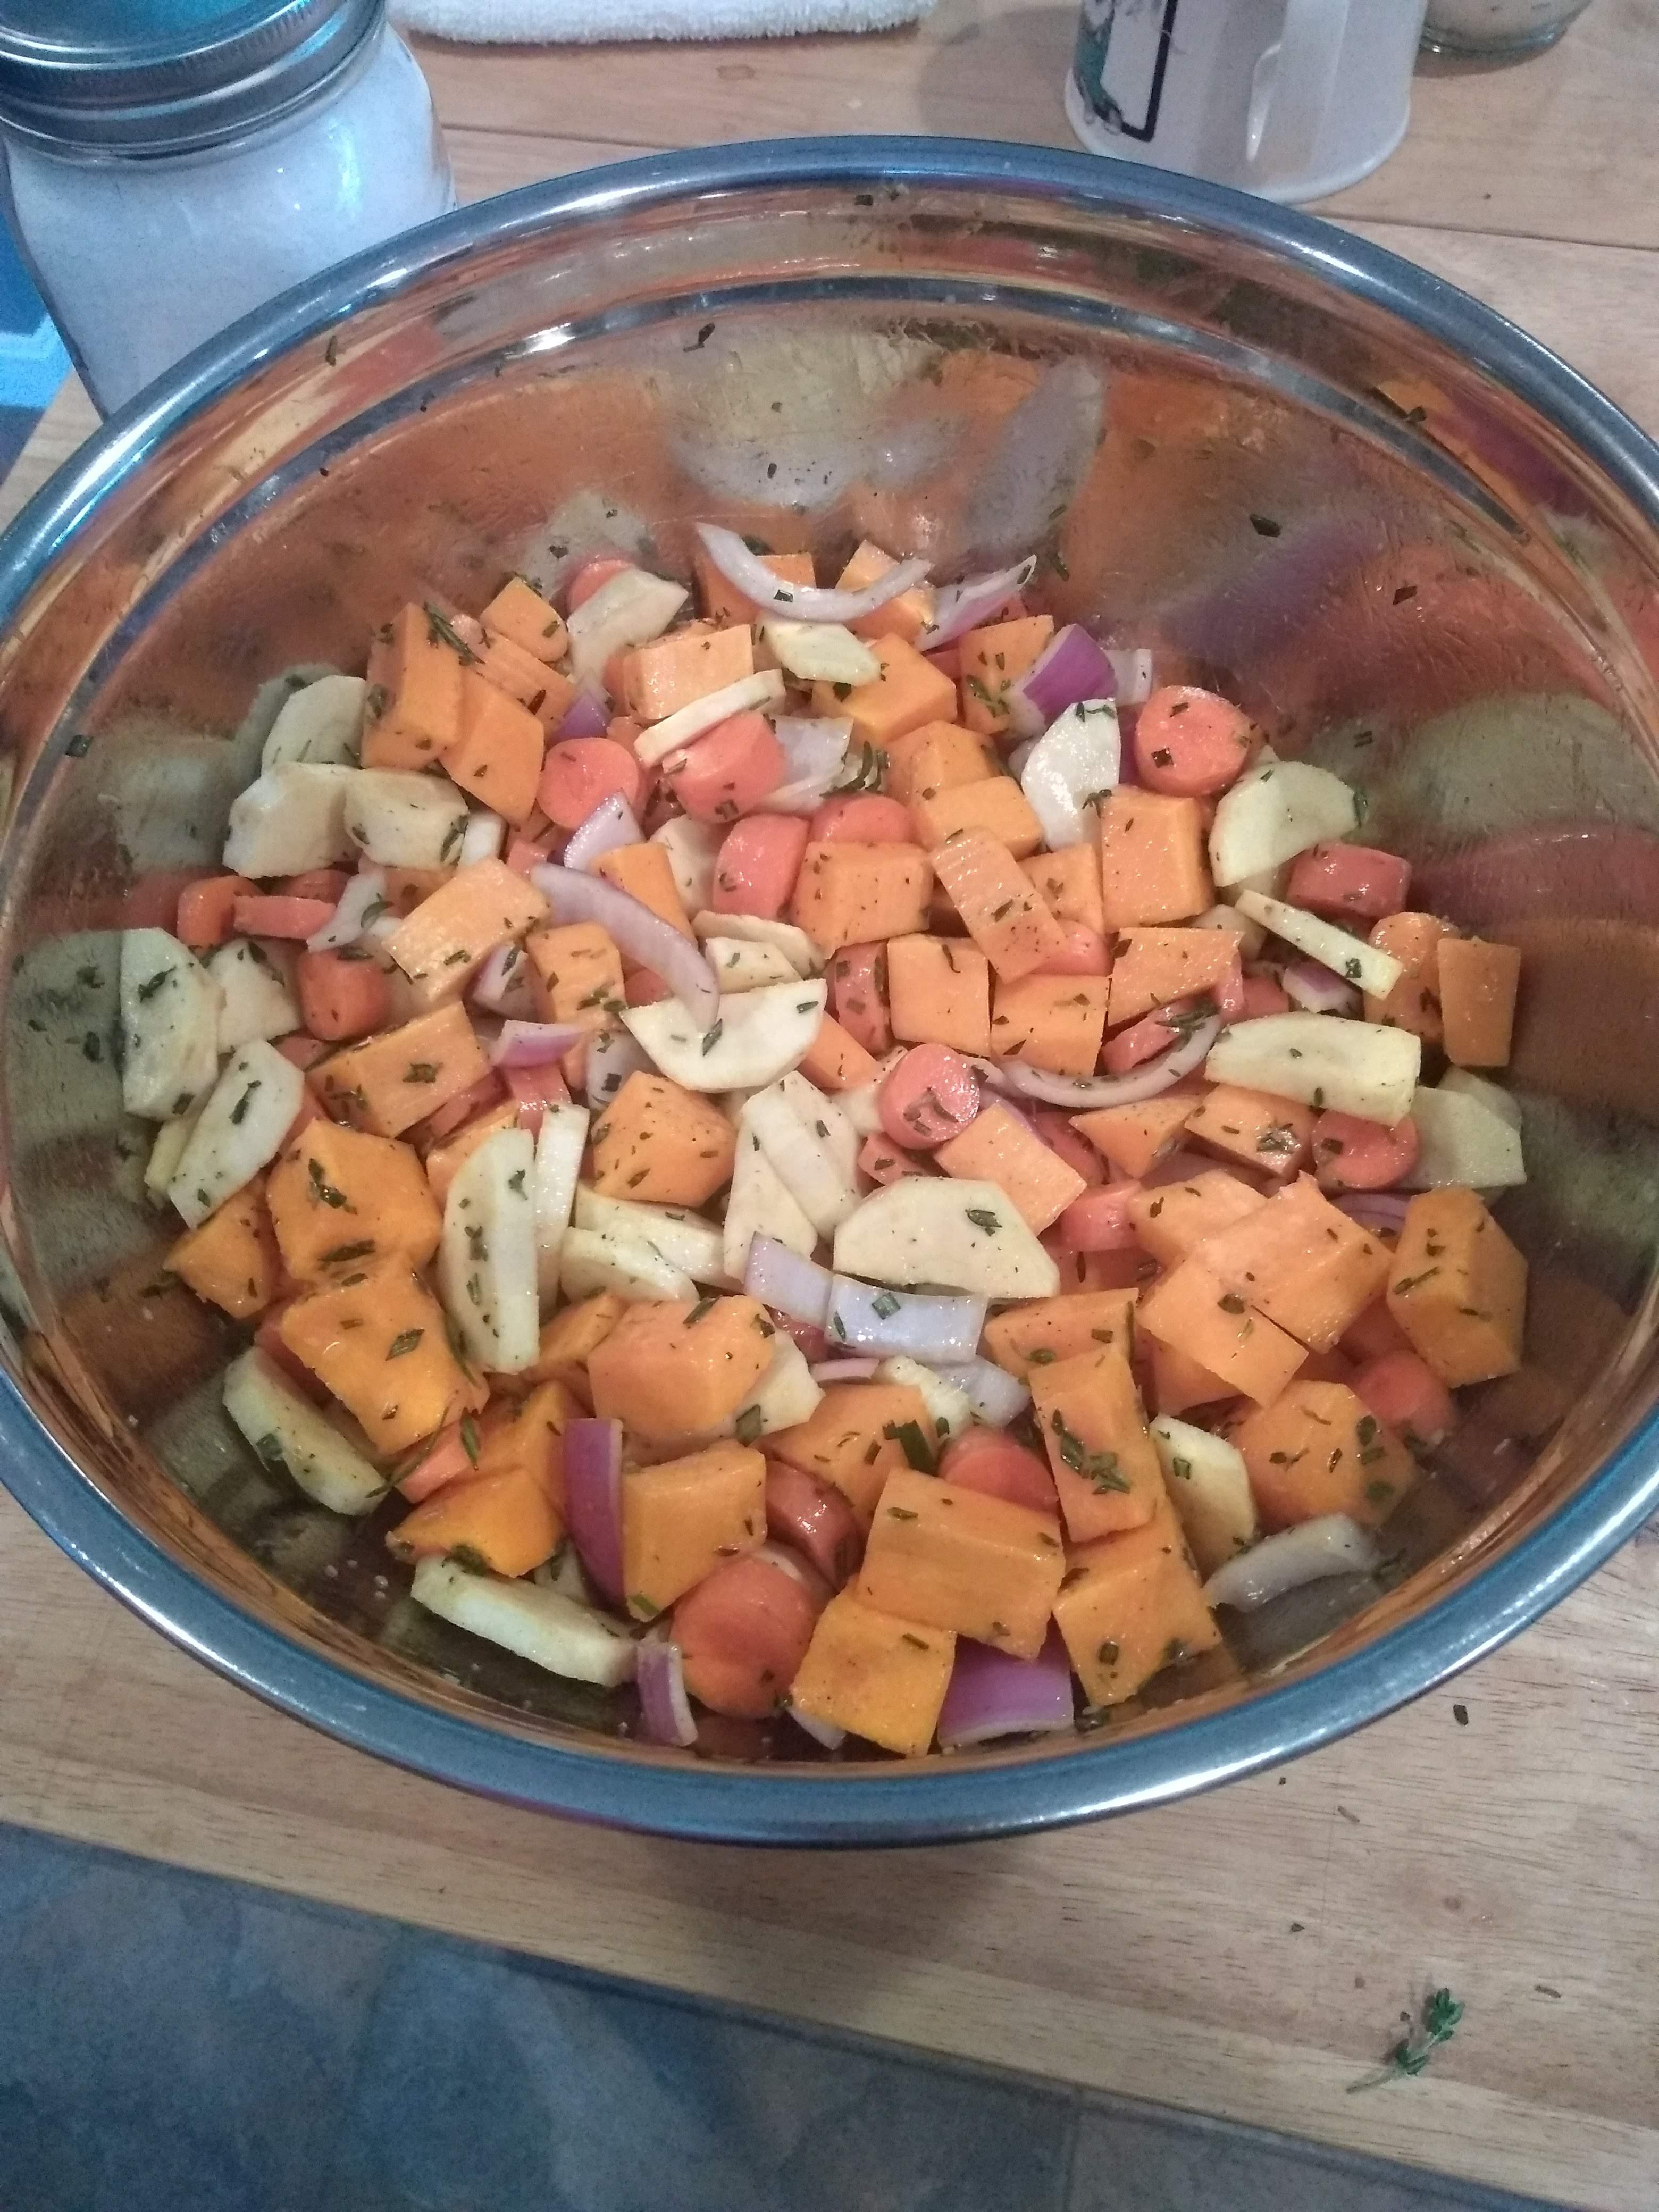 Seasoned Roasted Root Vegetables Allrecipes Community